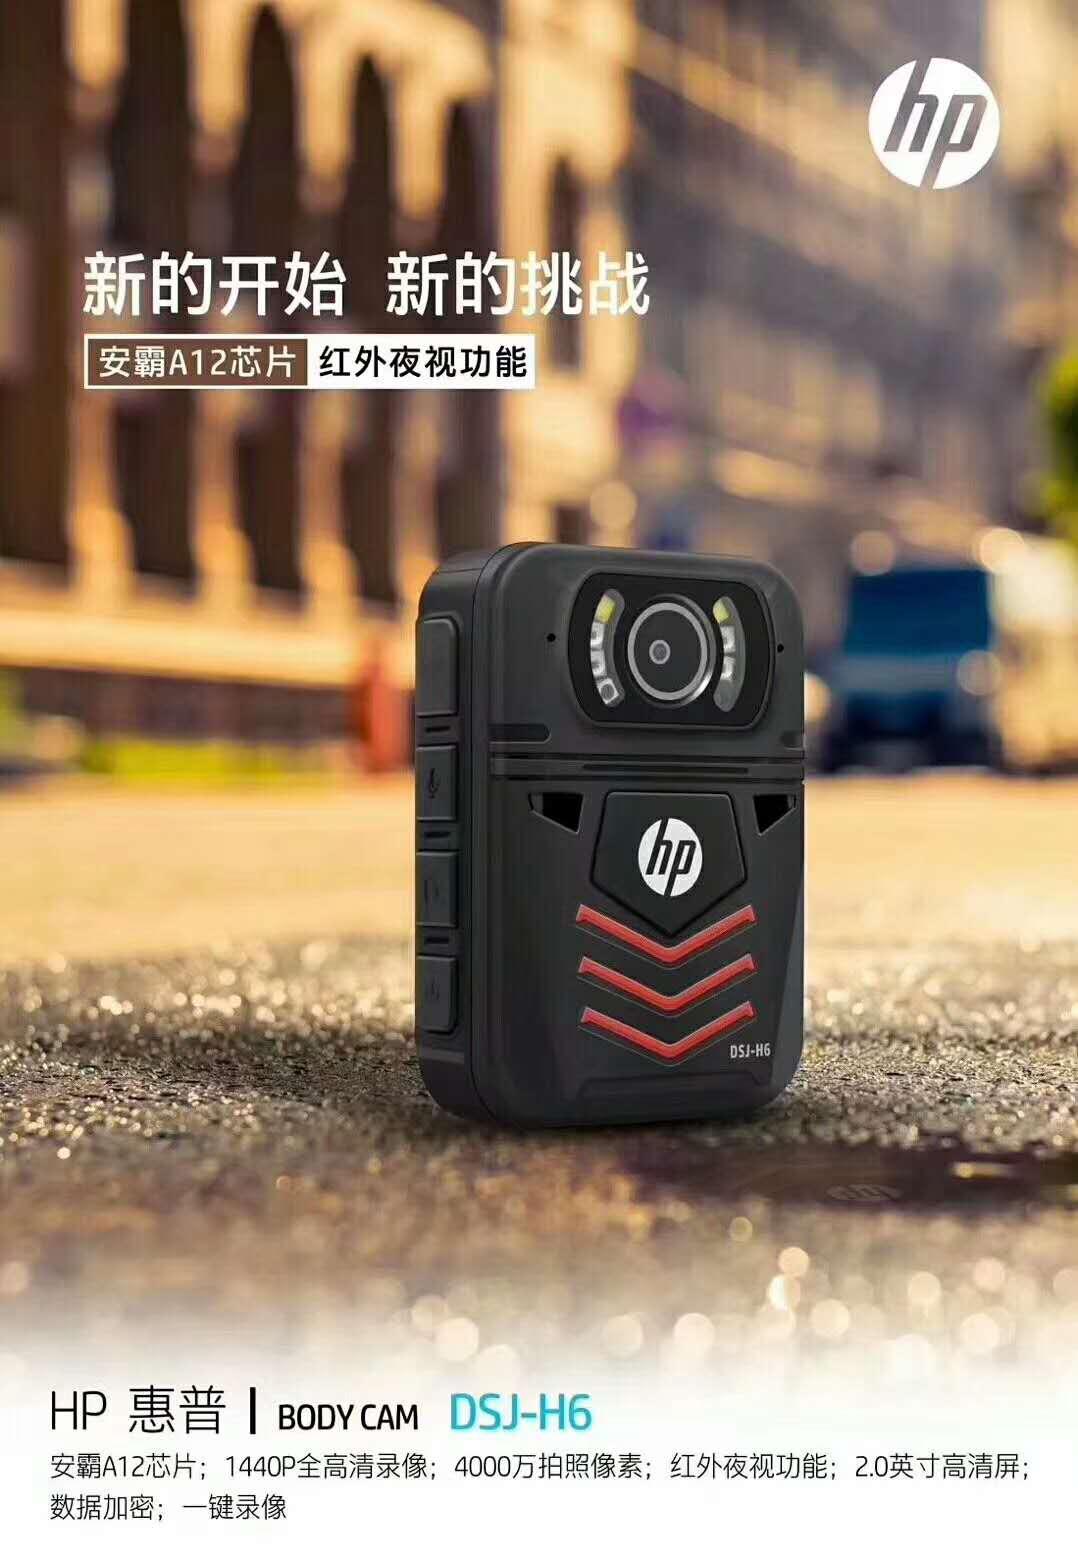 内蒙古买音视频记录仪源头直供厂家,音视频记录仪